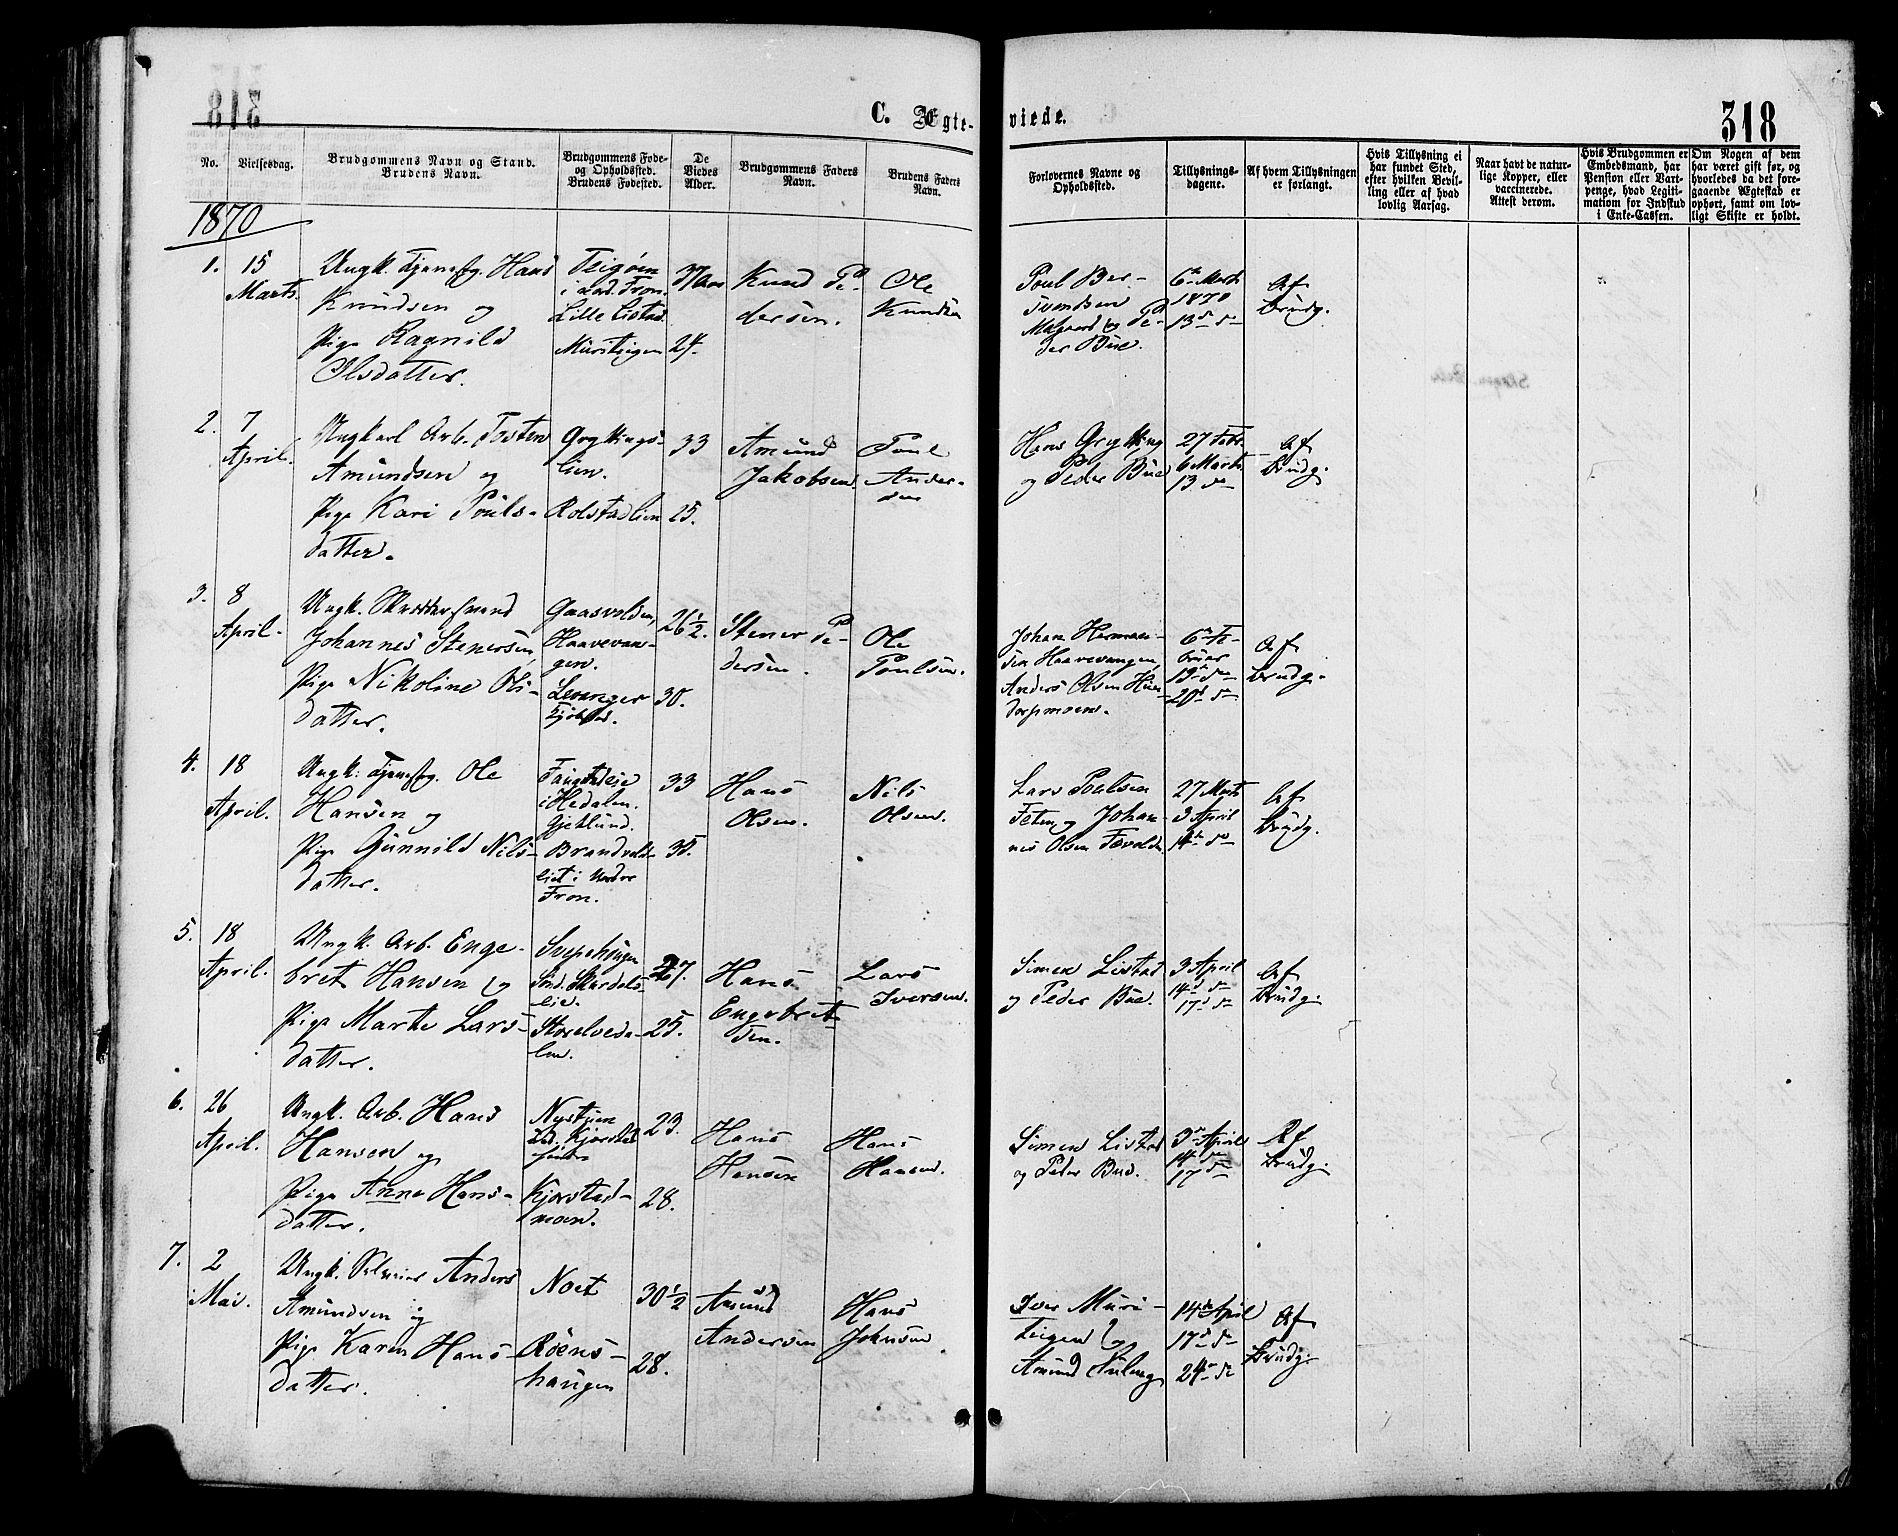 SAH, Sør-Fron prestekontor, H/Ha/Haa/L0002: Ministerialbok nr. 2, 1864-1880, s. 318